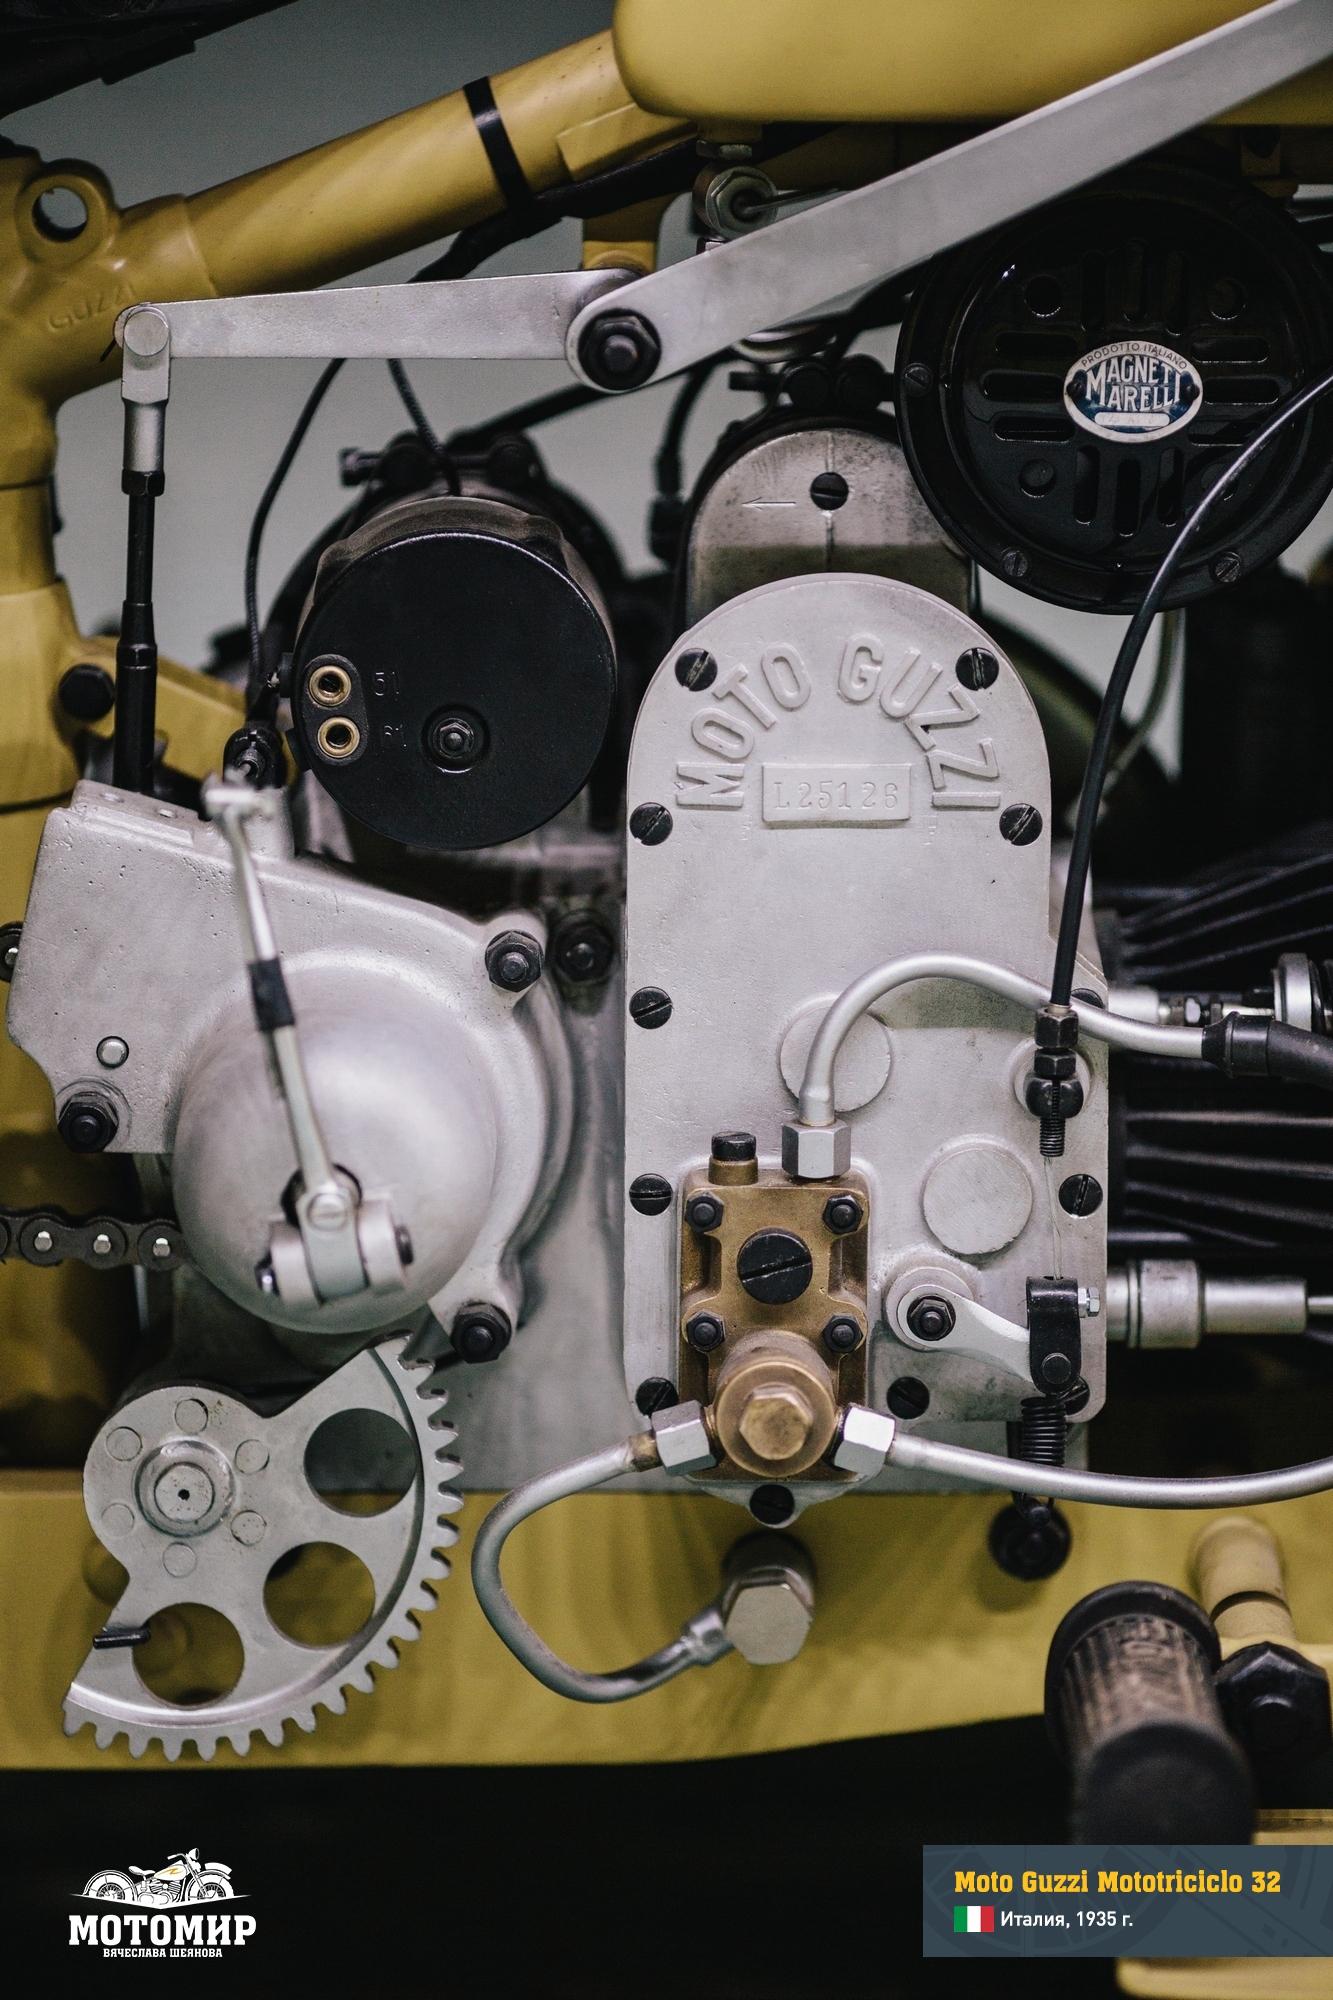 moto-guzzi-mototriciclo-32-web-12